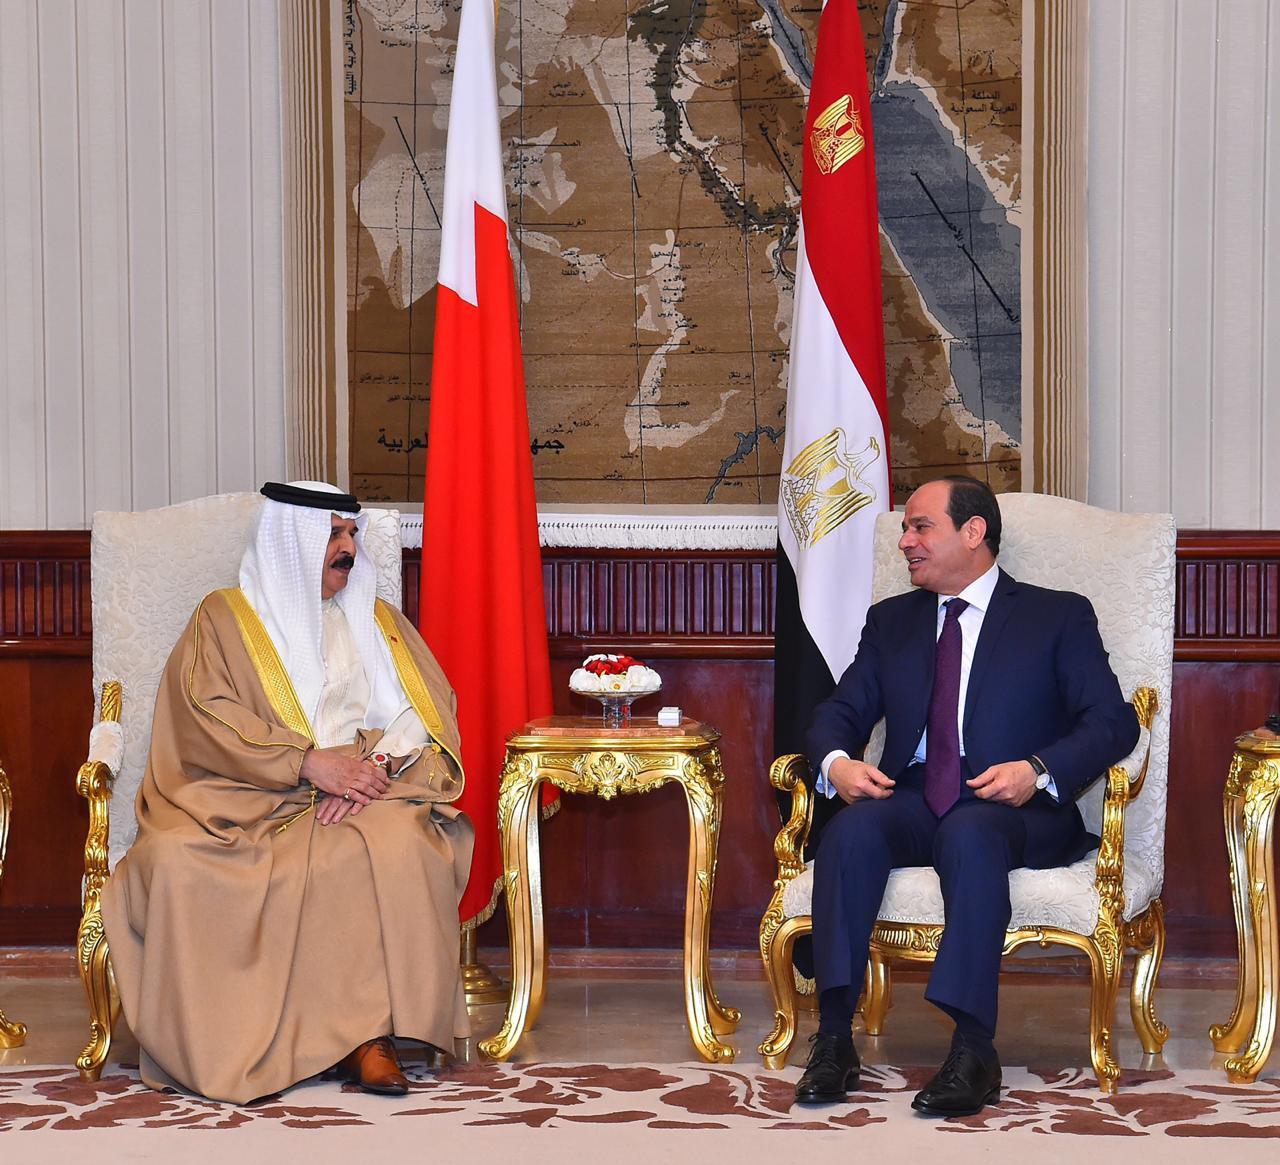 عبد الفتاح السيسي و الملك حمد بن عيسى آل خليفة ملك مملكة البحرين (1)